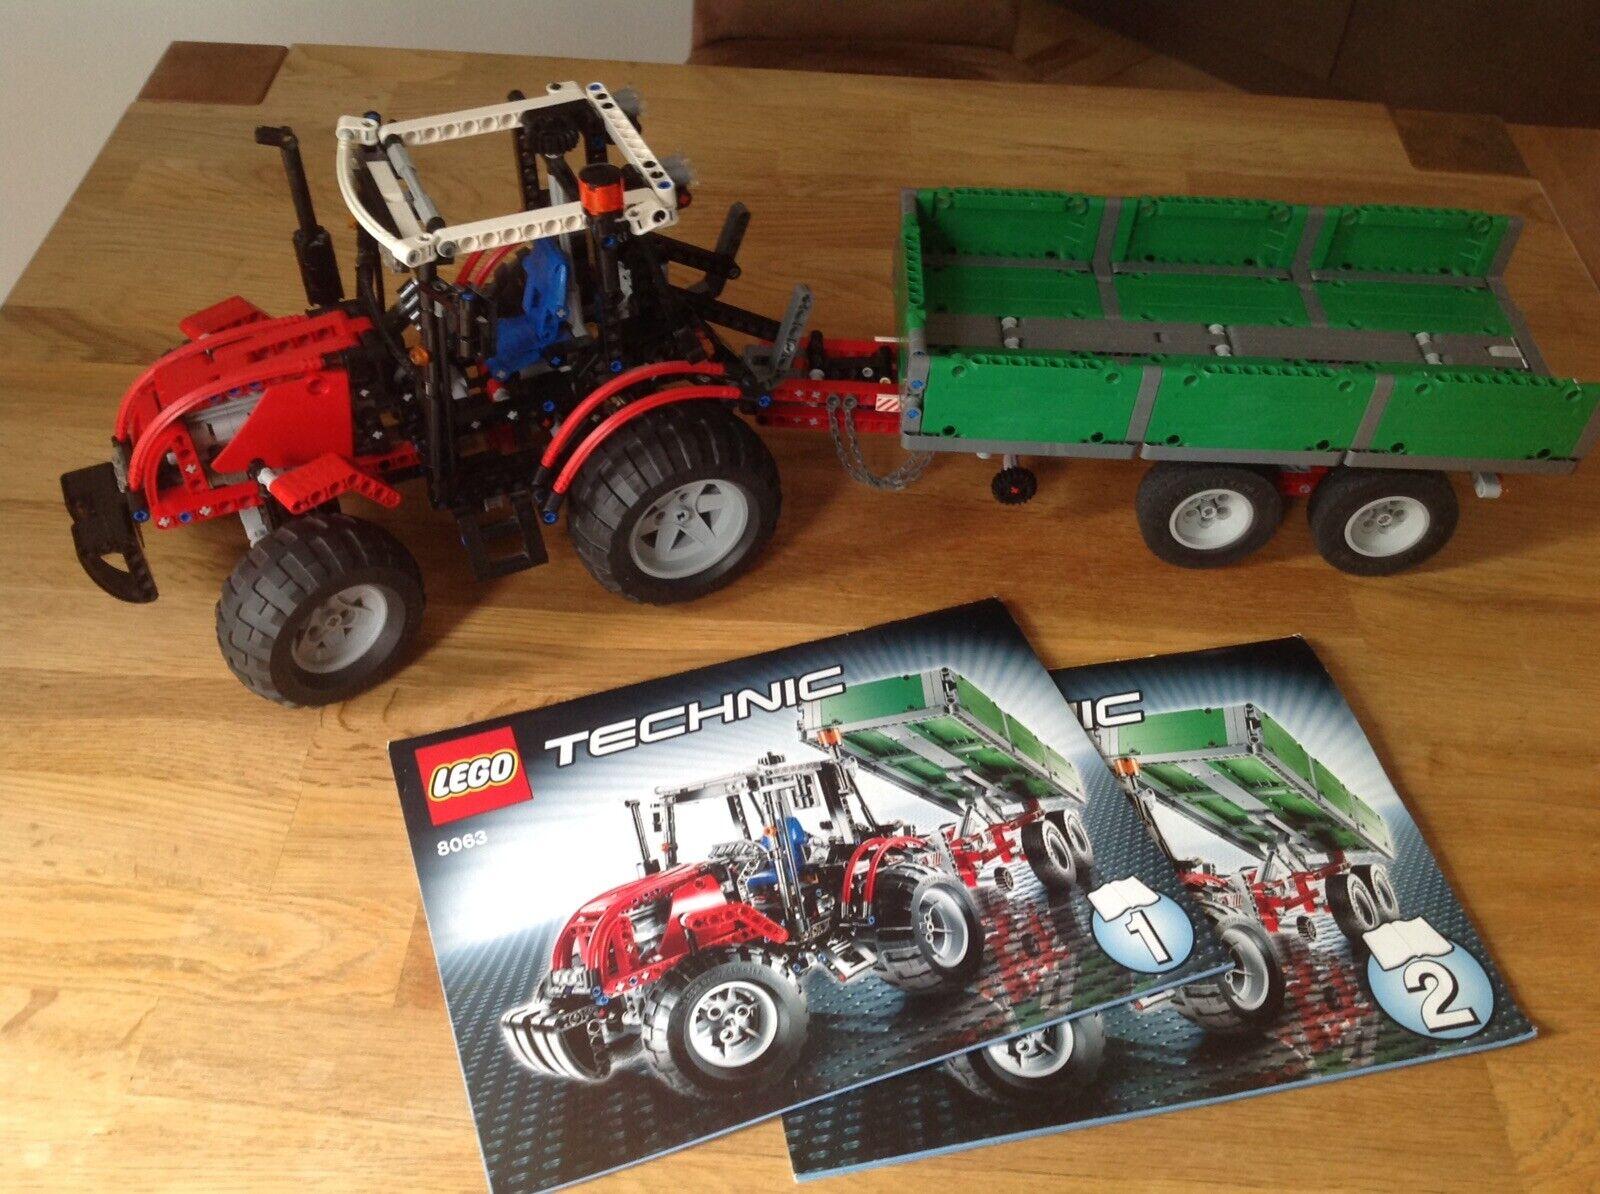 Lego Technic 8063 Traktor mit Anhänger ohne OVP Sammlerstück